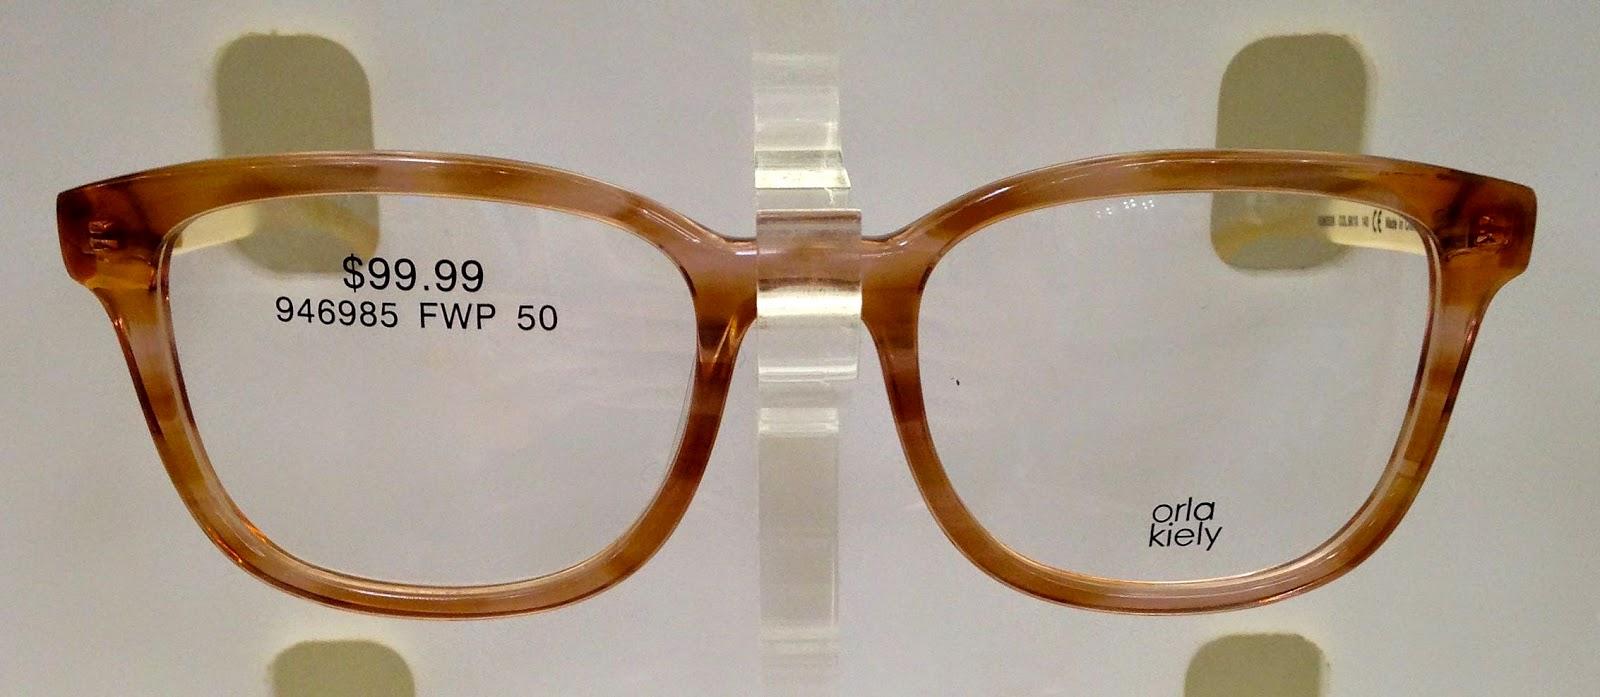 8ef9d35e1662f I Love Orla Kiely  New Orla Kiely Eyeglasses at Costco